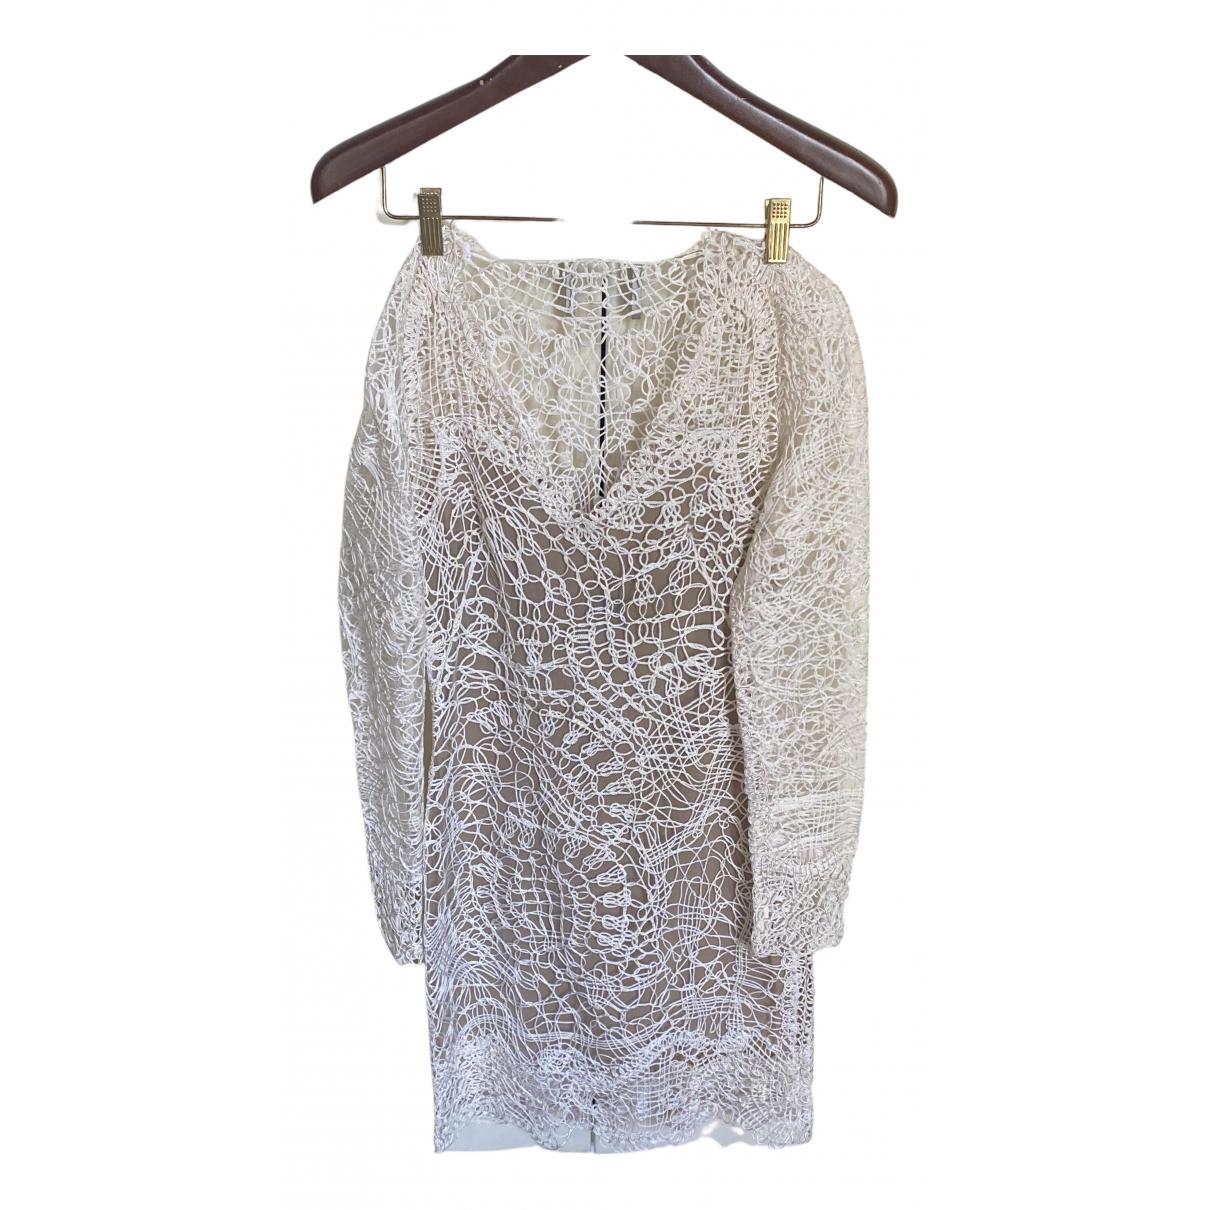 Tom Ford \N White dress for Women 38 FR